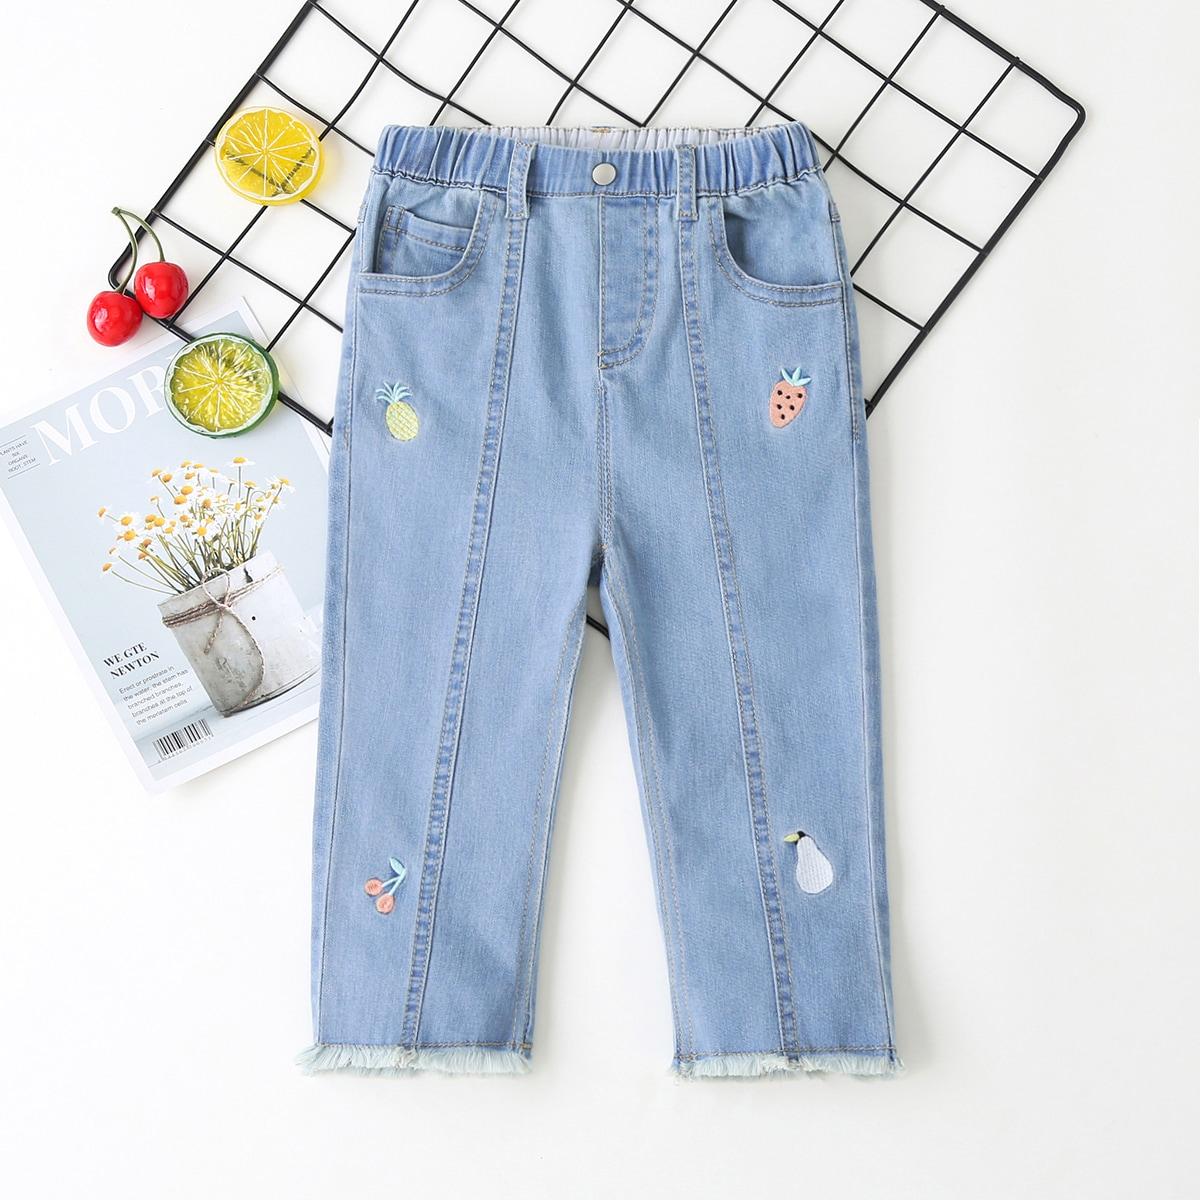 Легкий Синий Умывания с вышивкой Фрукты и овощи Повседневный Деним для девочек фото